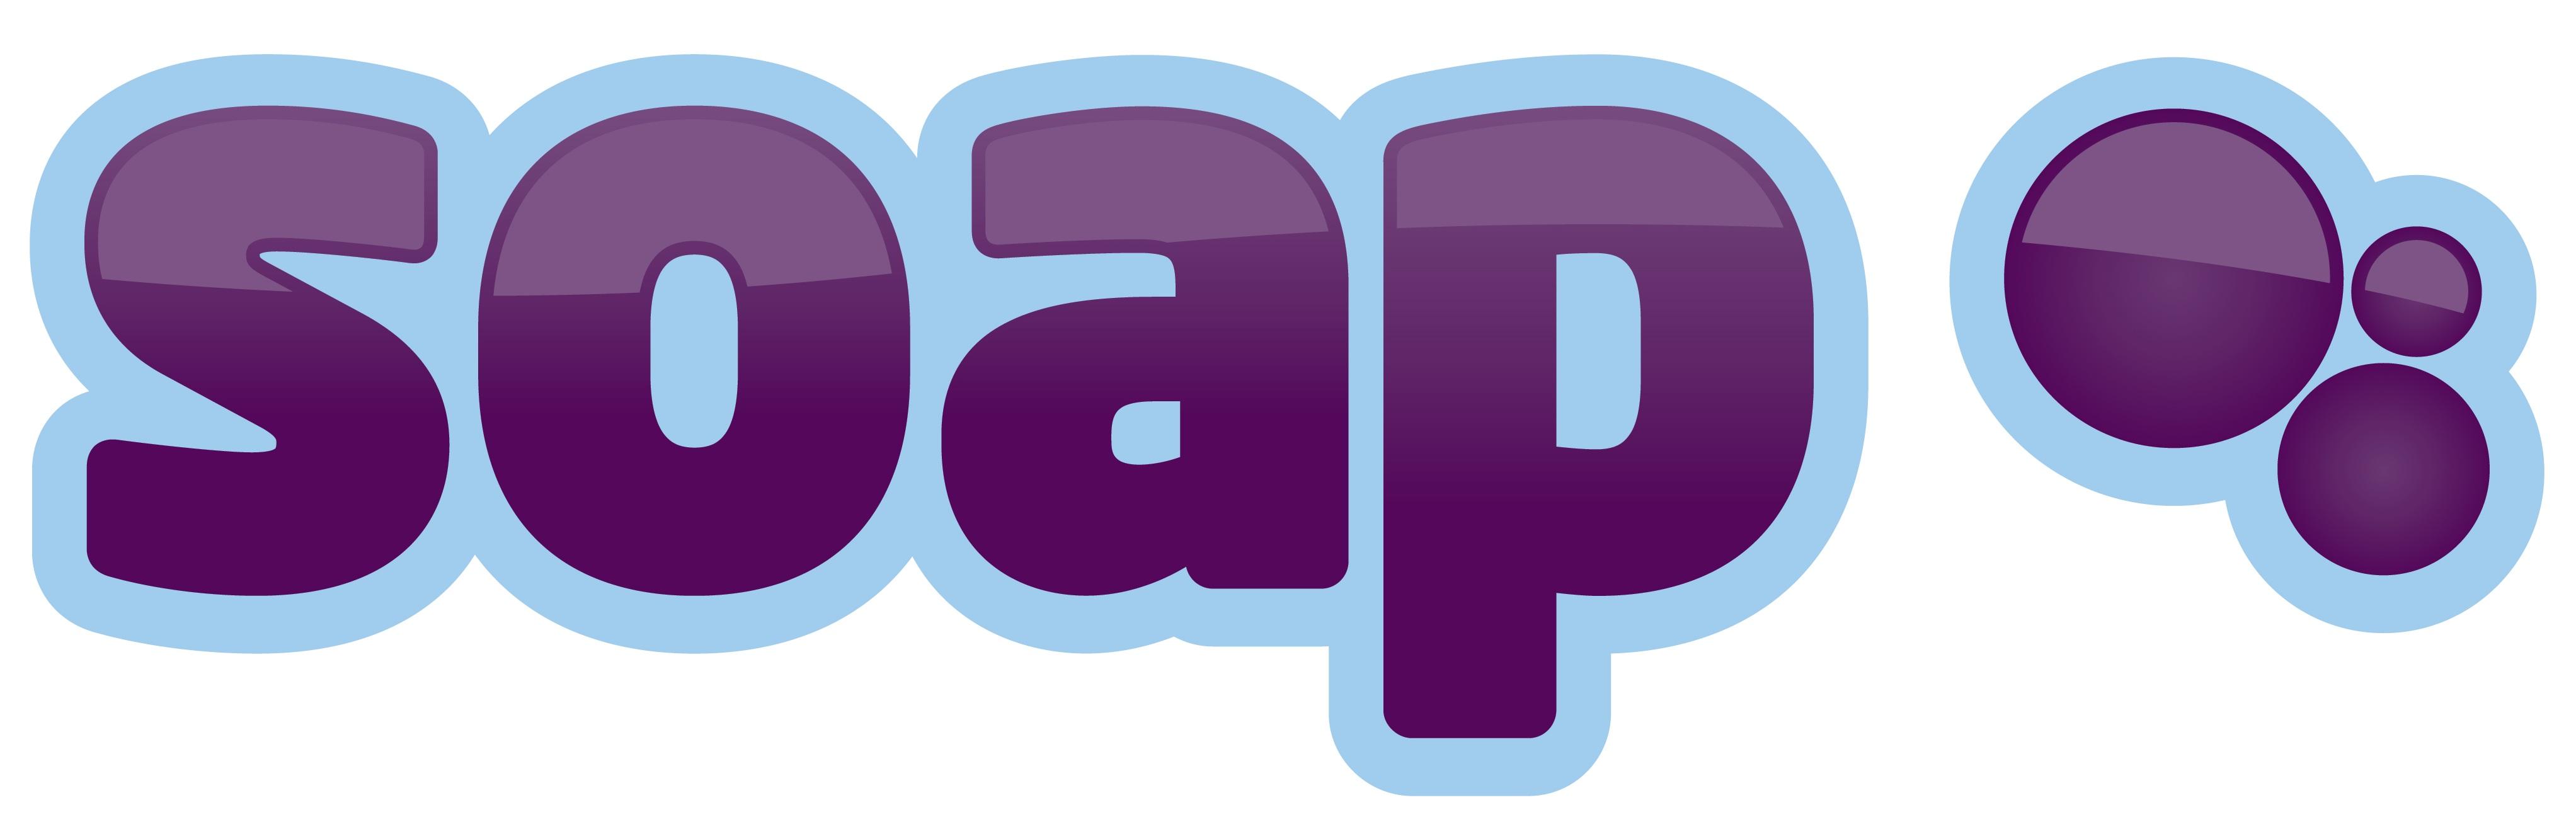 Soap logo no recruitment-01